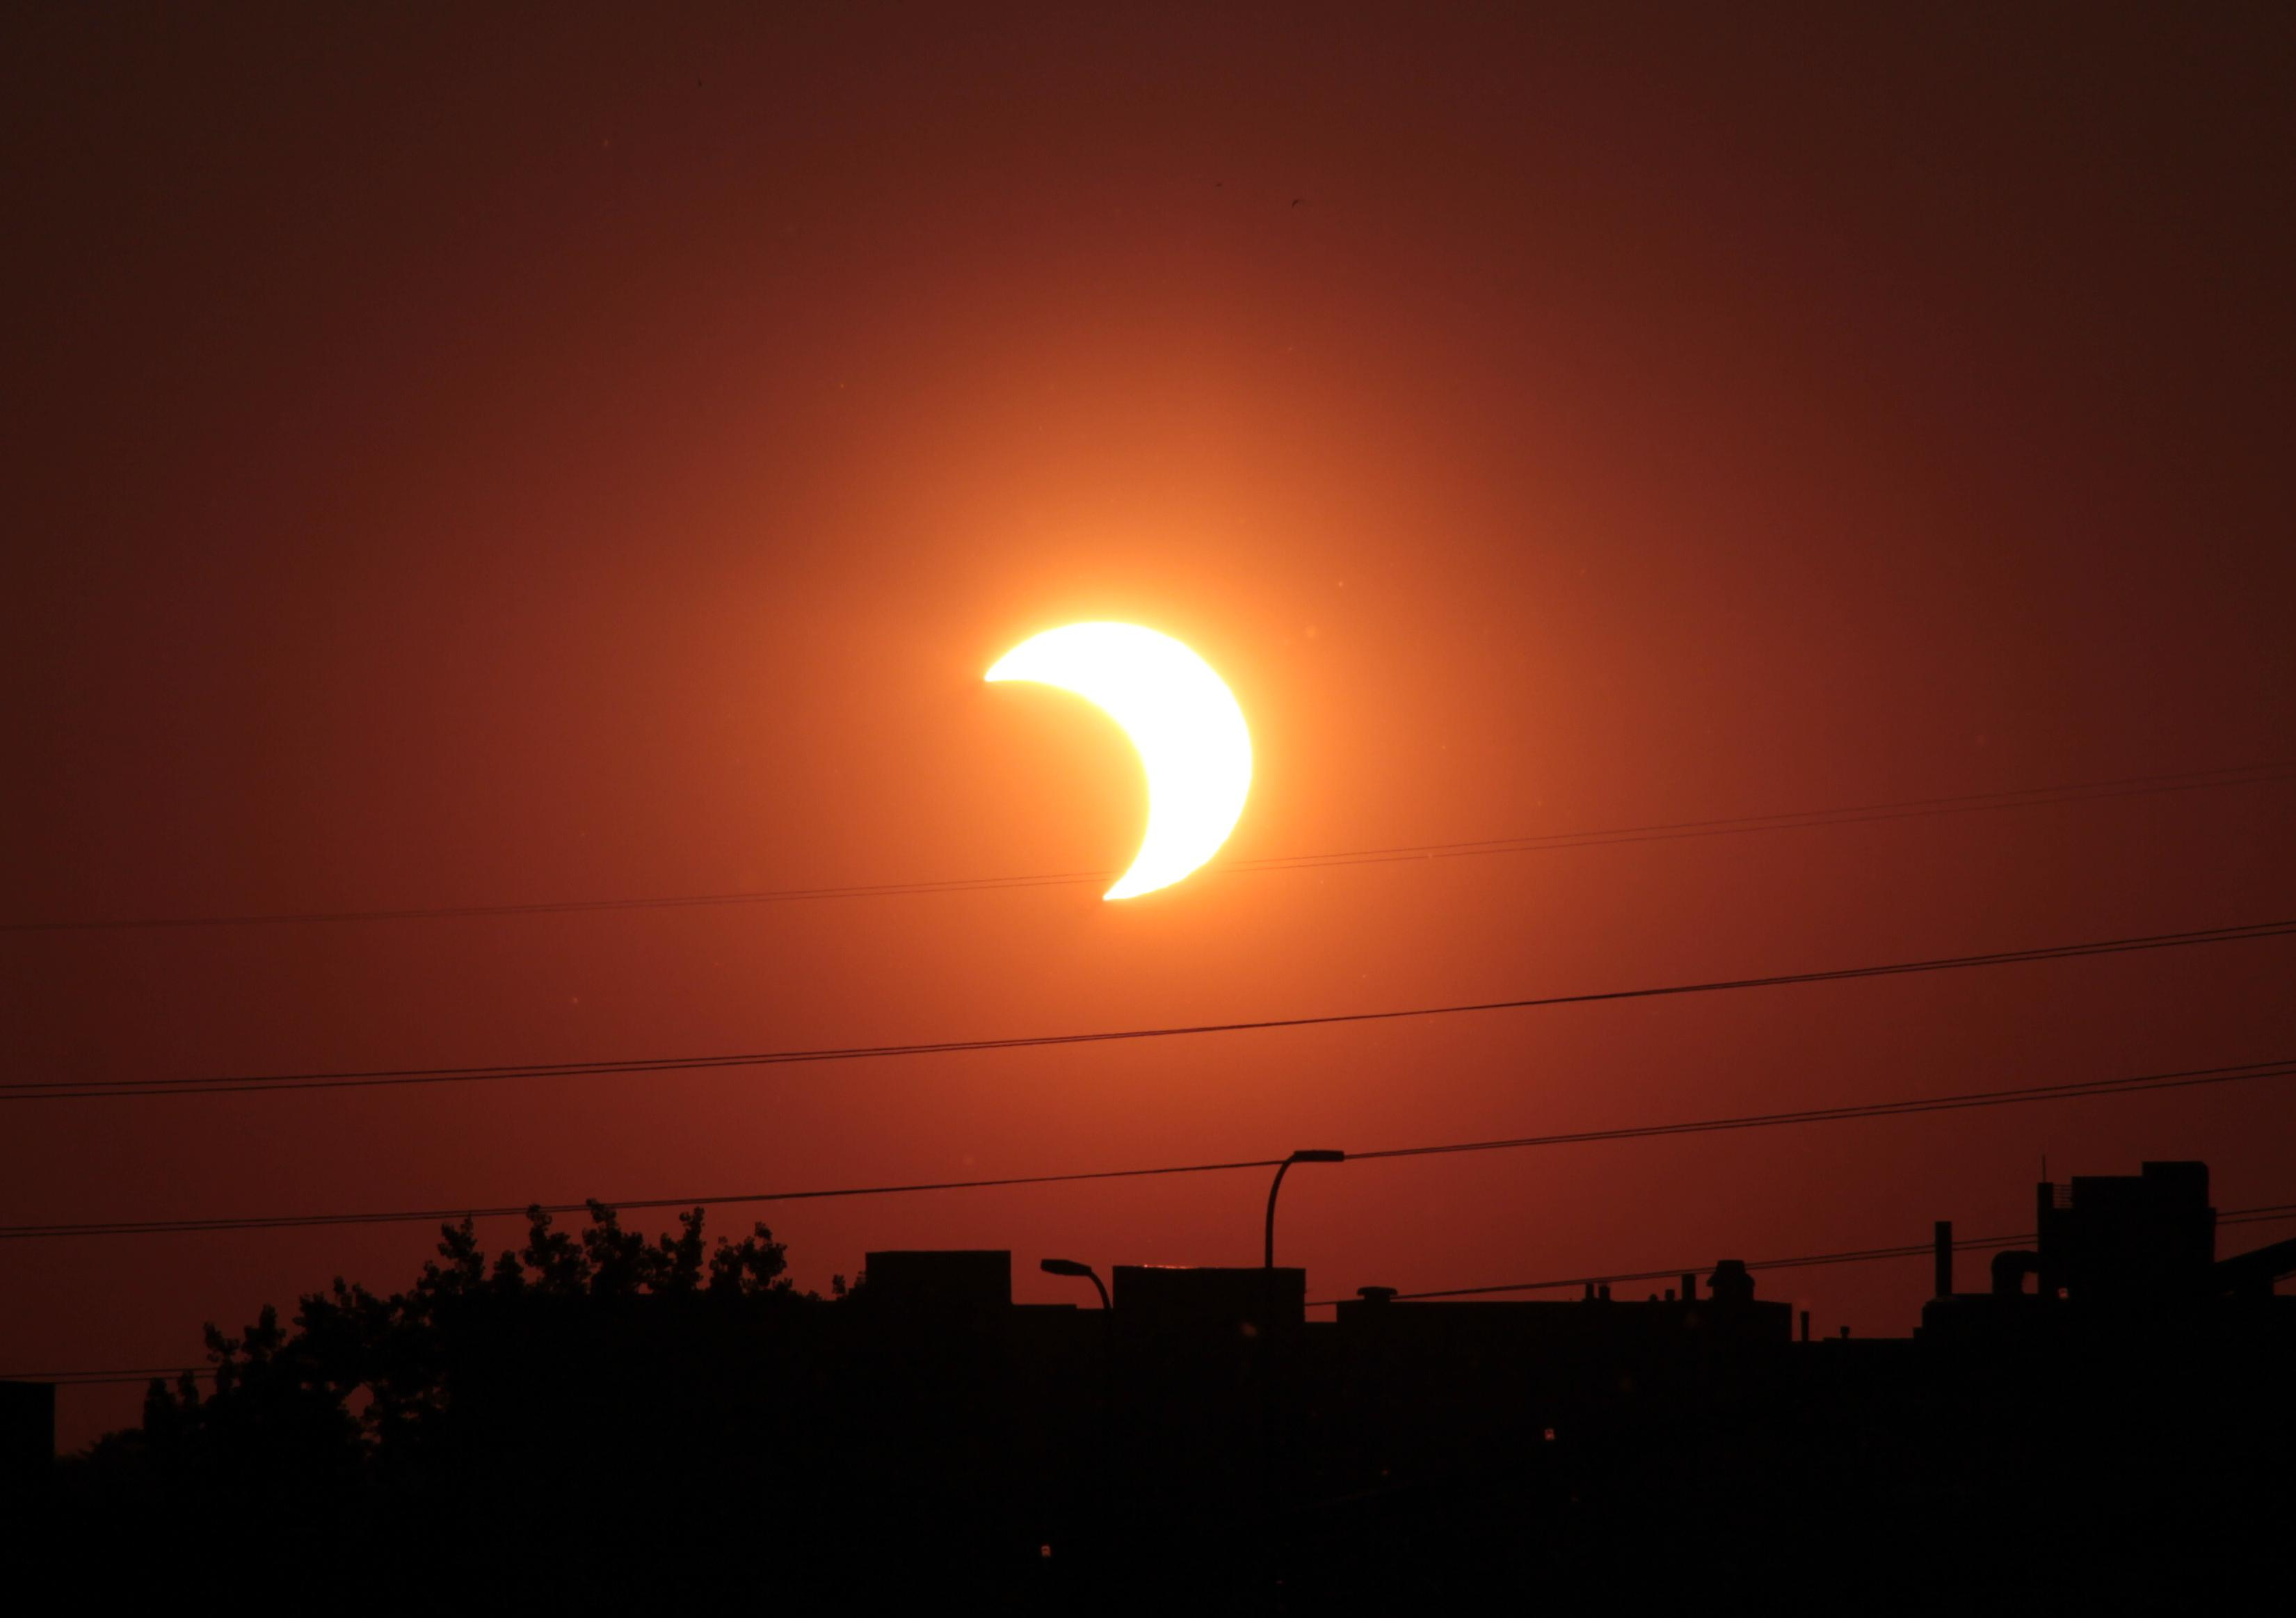 كسوف الشمس غداً في بلدتك؟